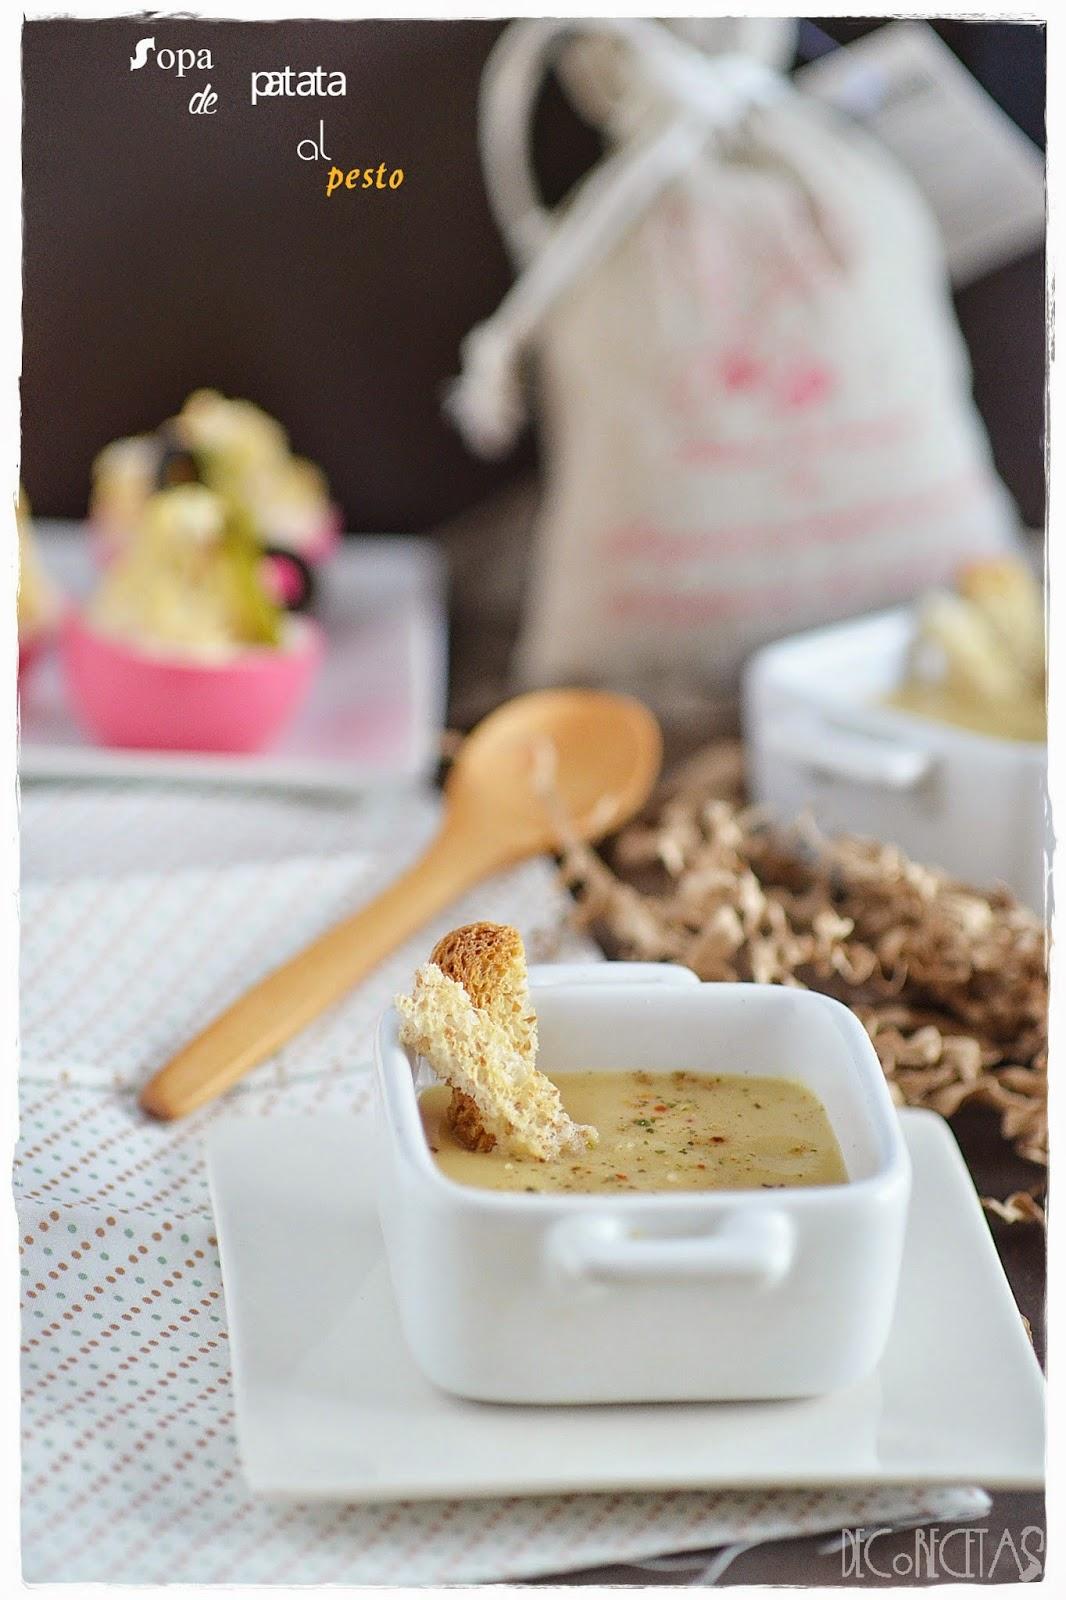 Sopa de patata al pesto